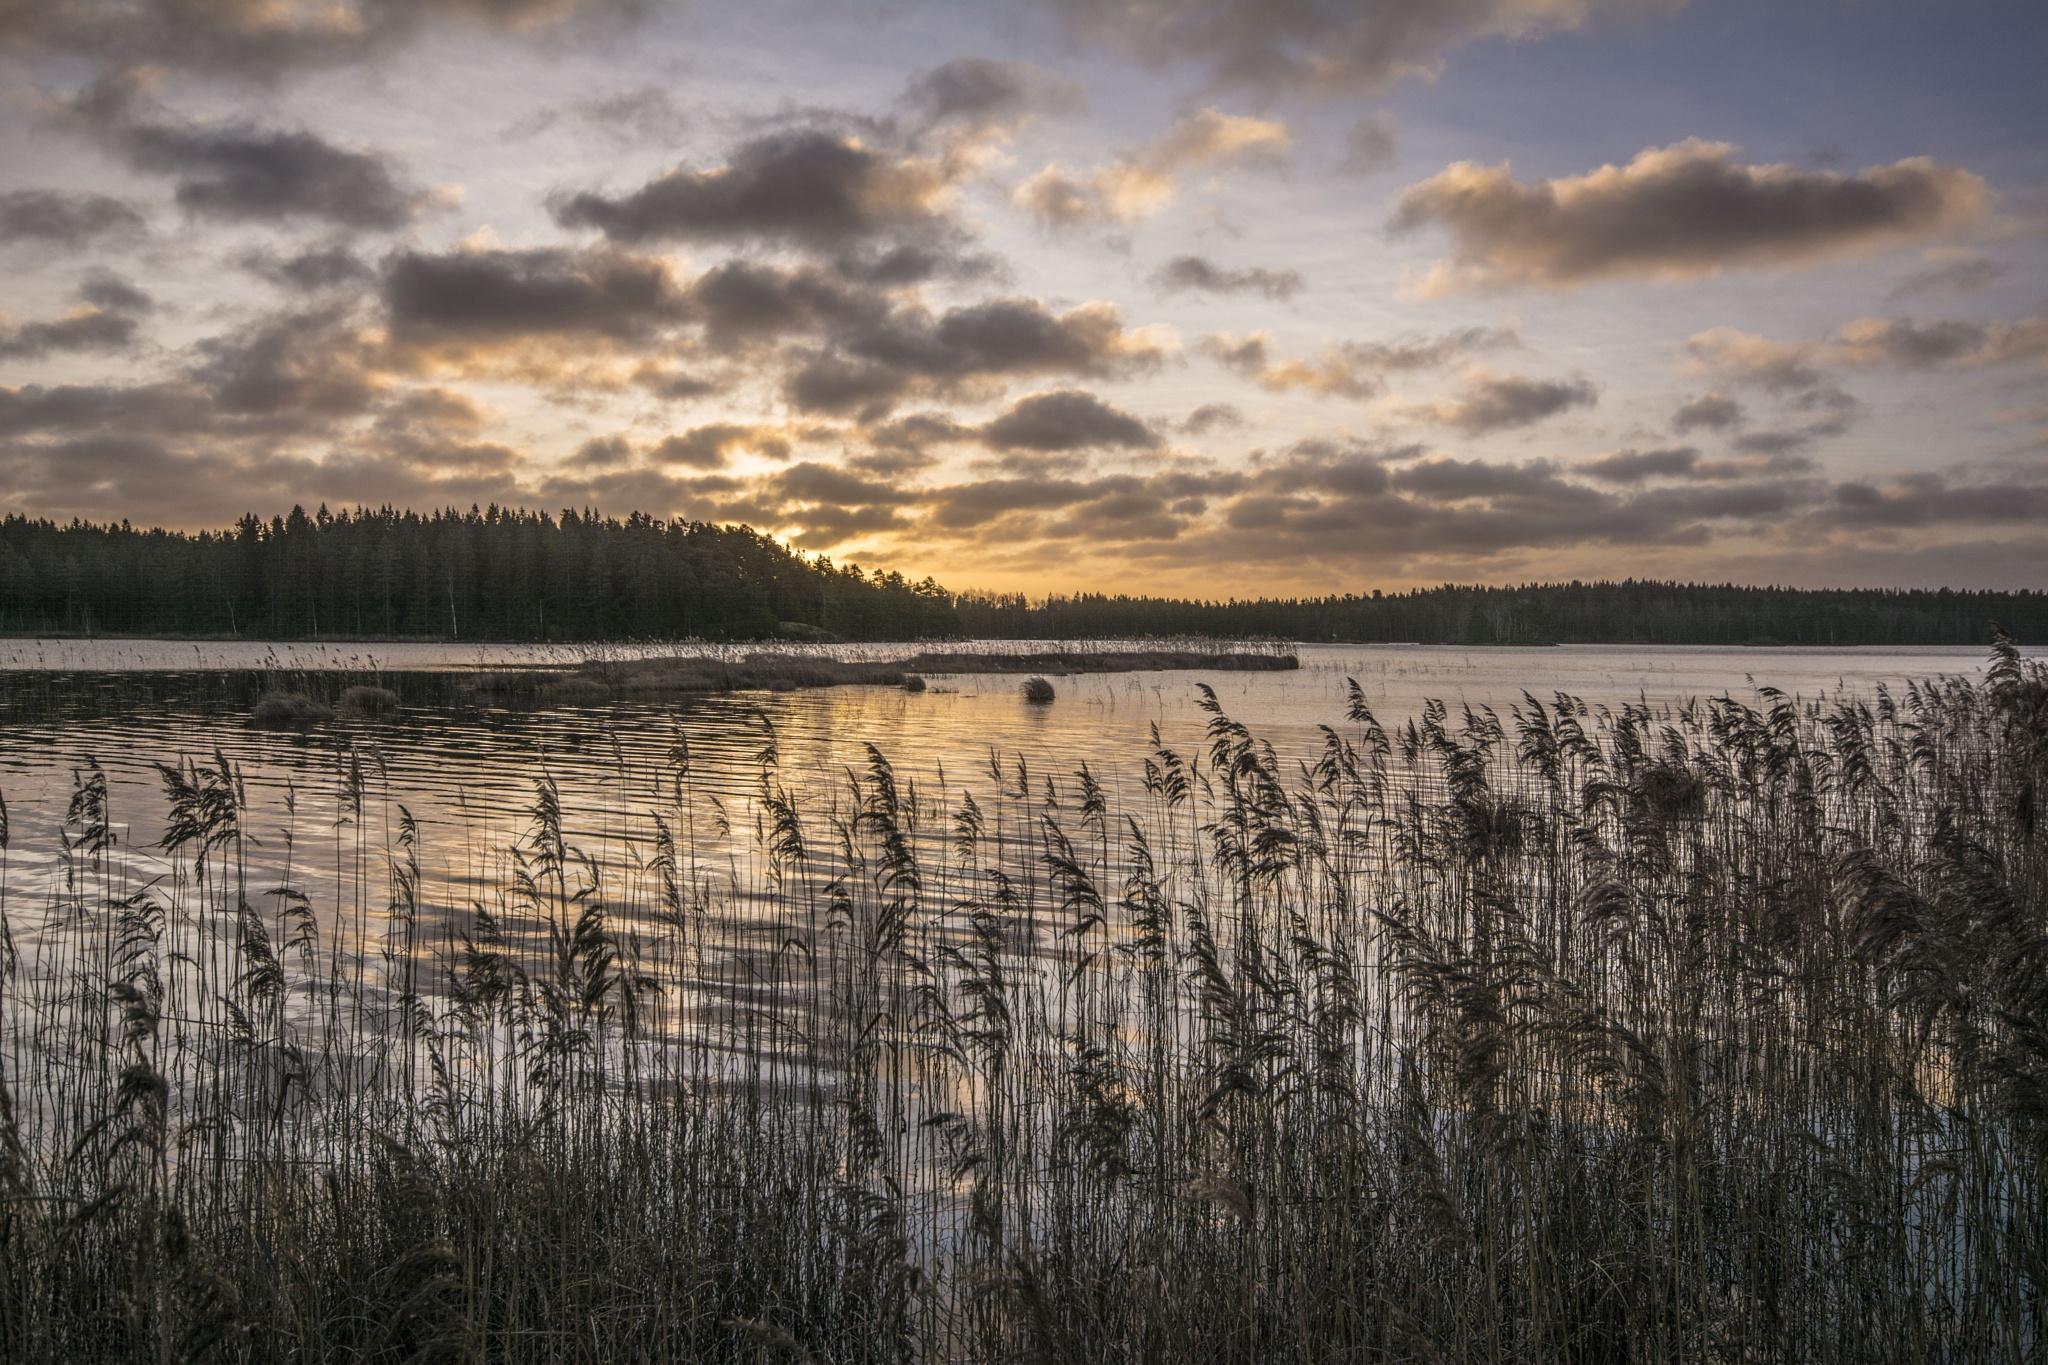 December sunrise by Ninja-Li Einarsen Stahre